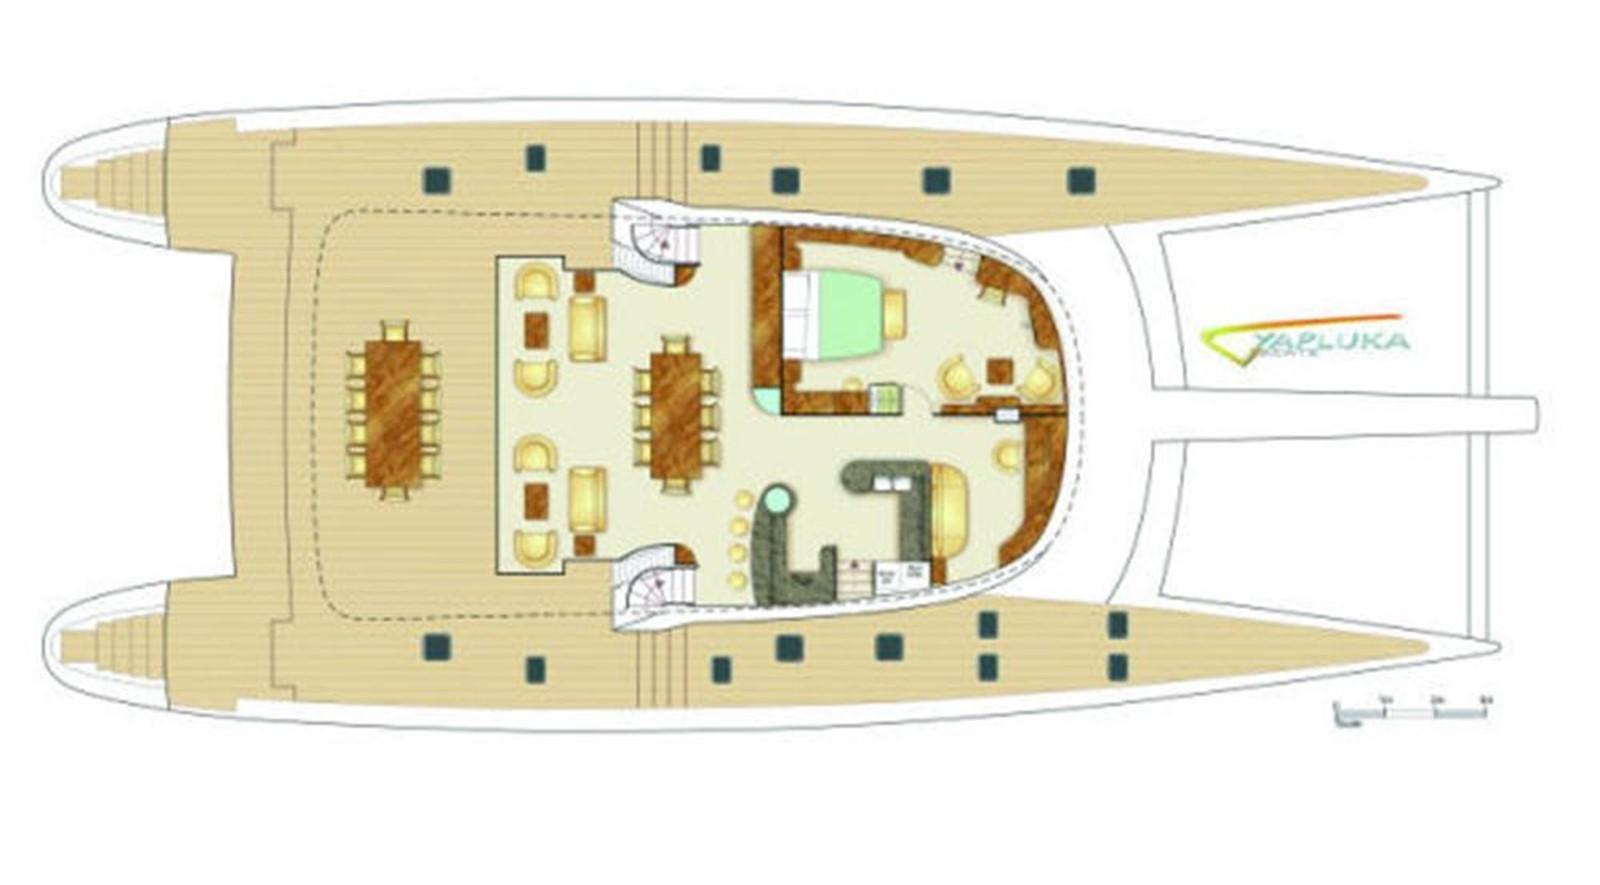 Layout 2008 YAPLUKA 100 DD Catamaran 86942